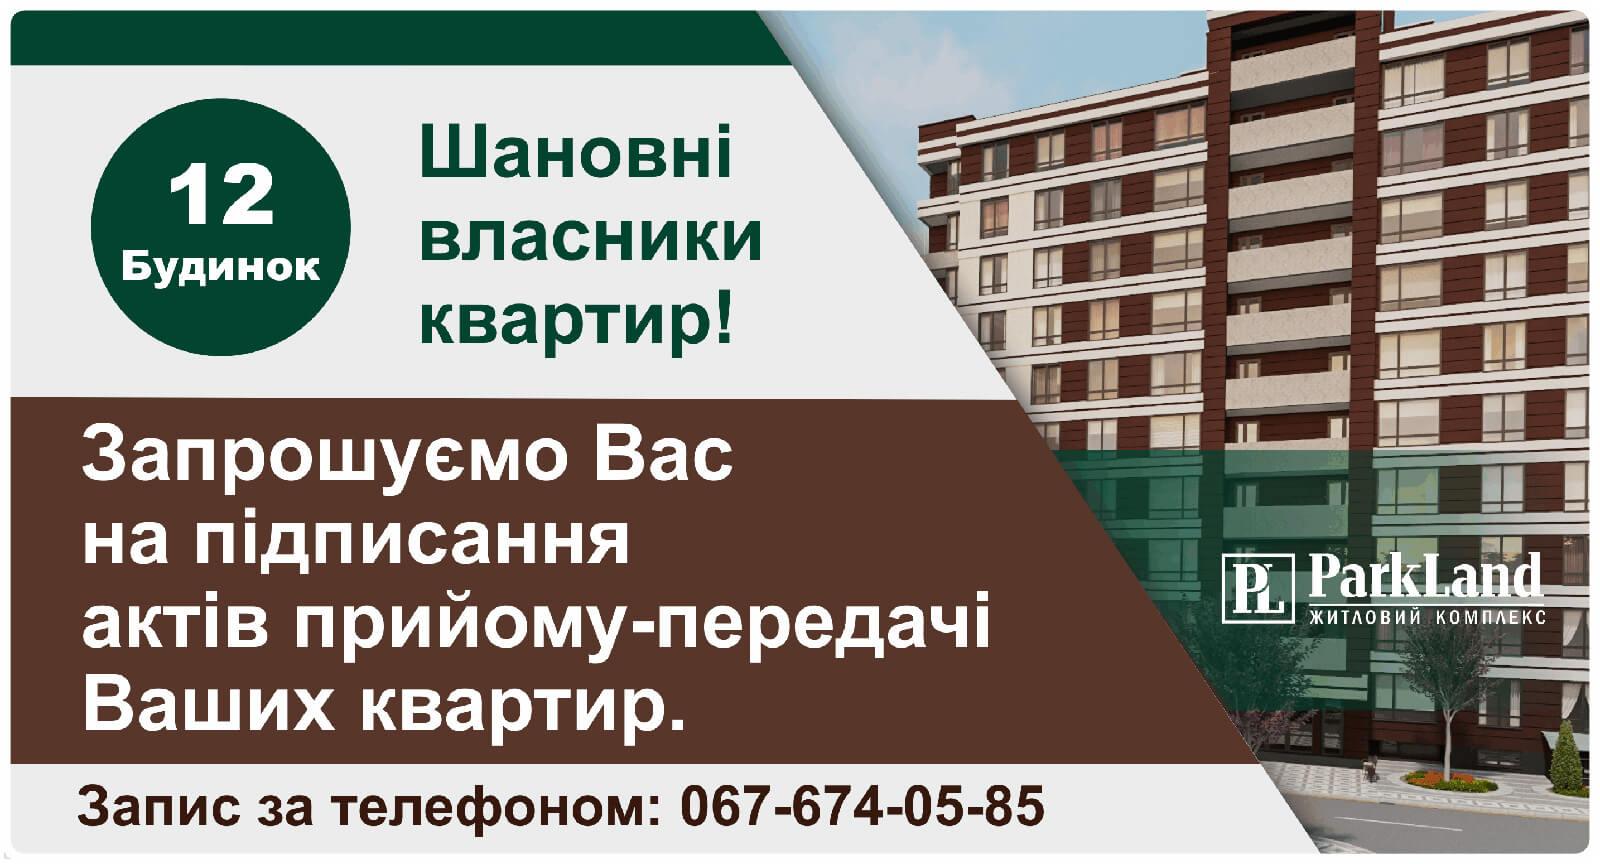 news230518-ukr